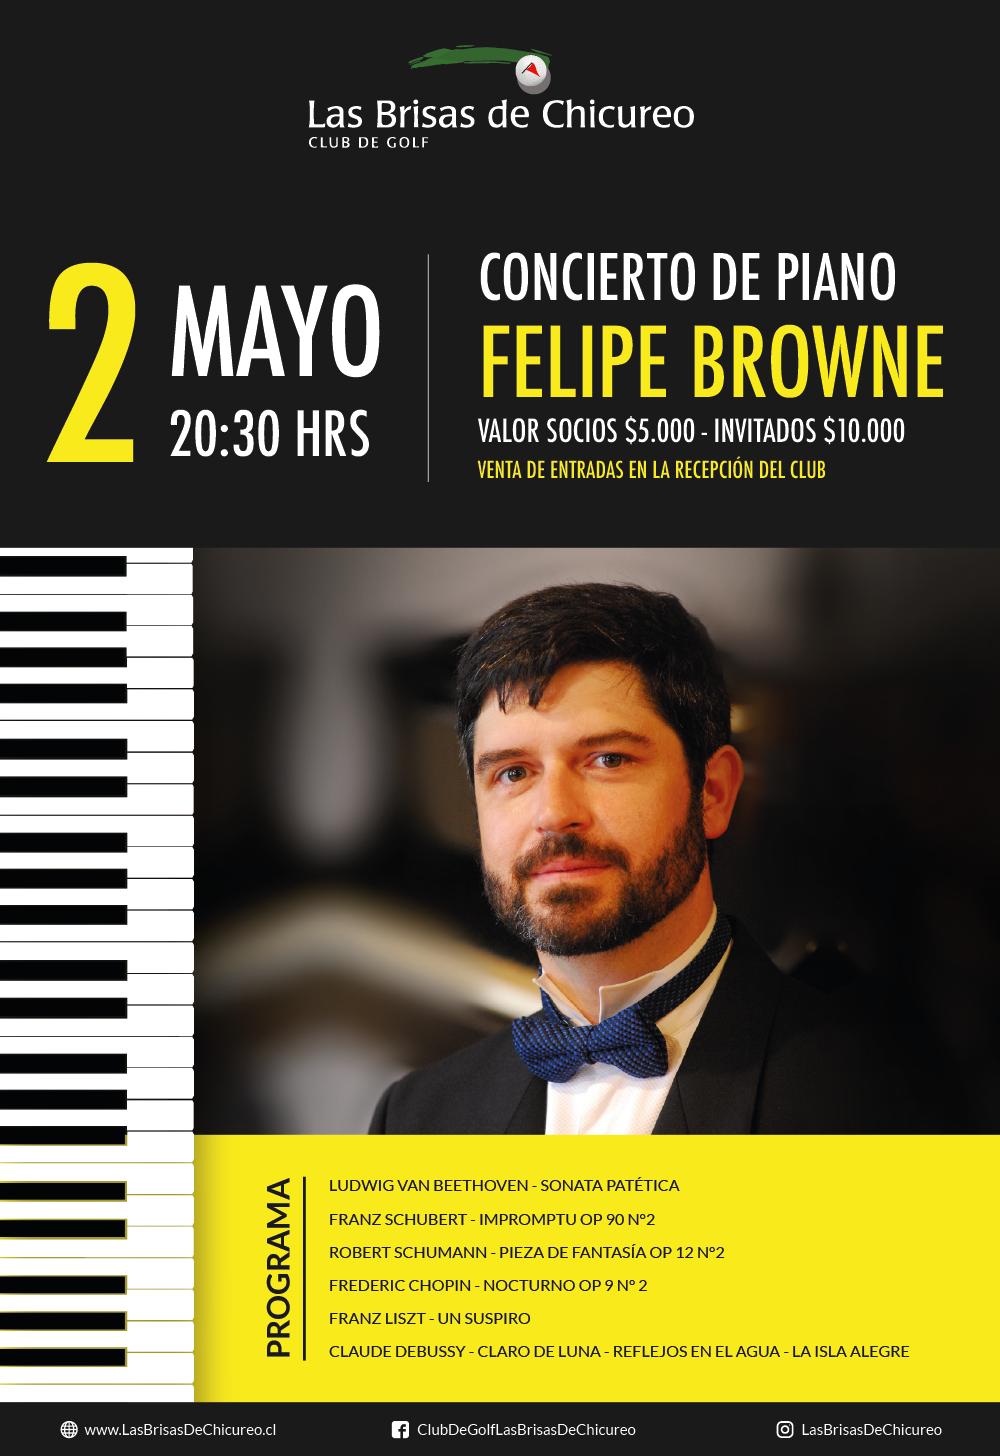 Concierto de Piano Felipe Browne